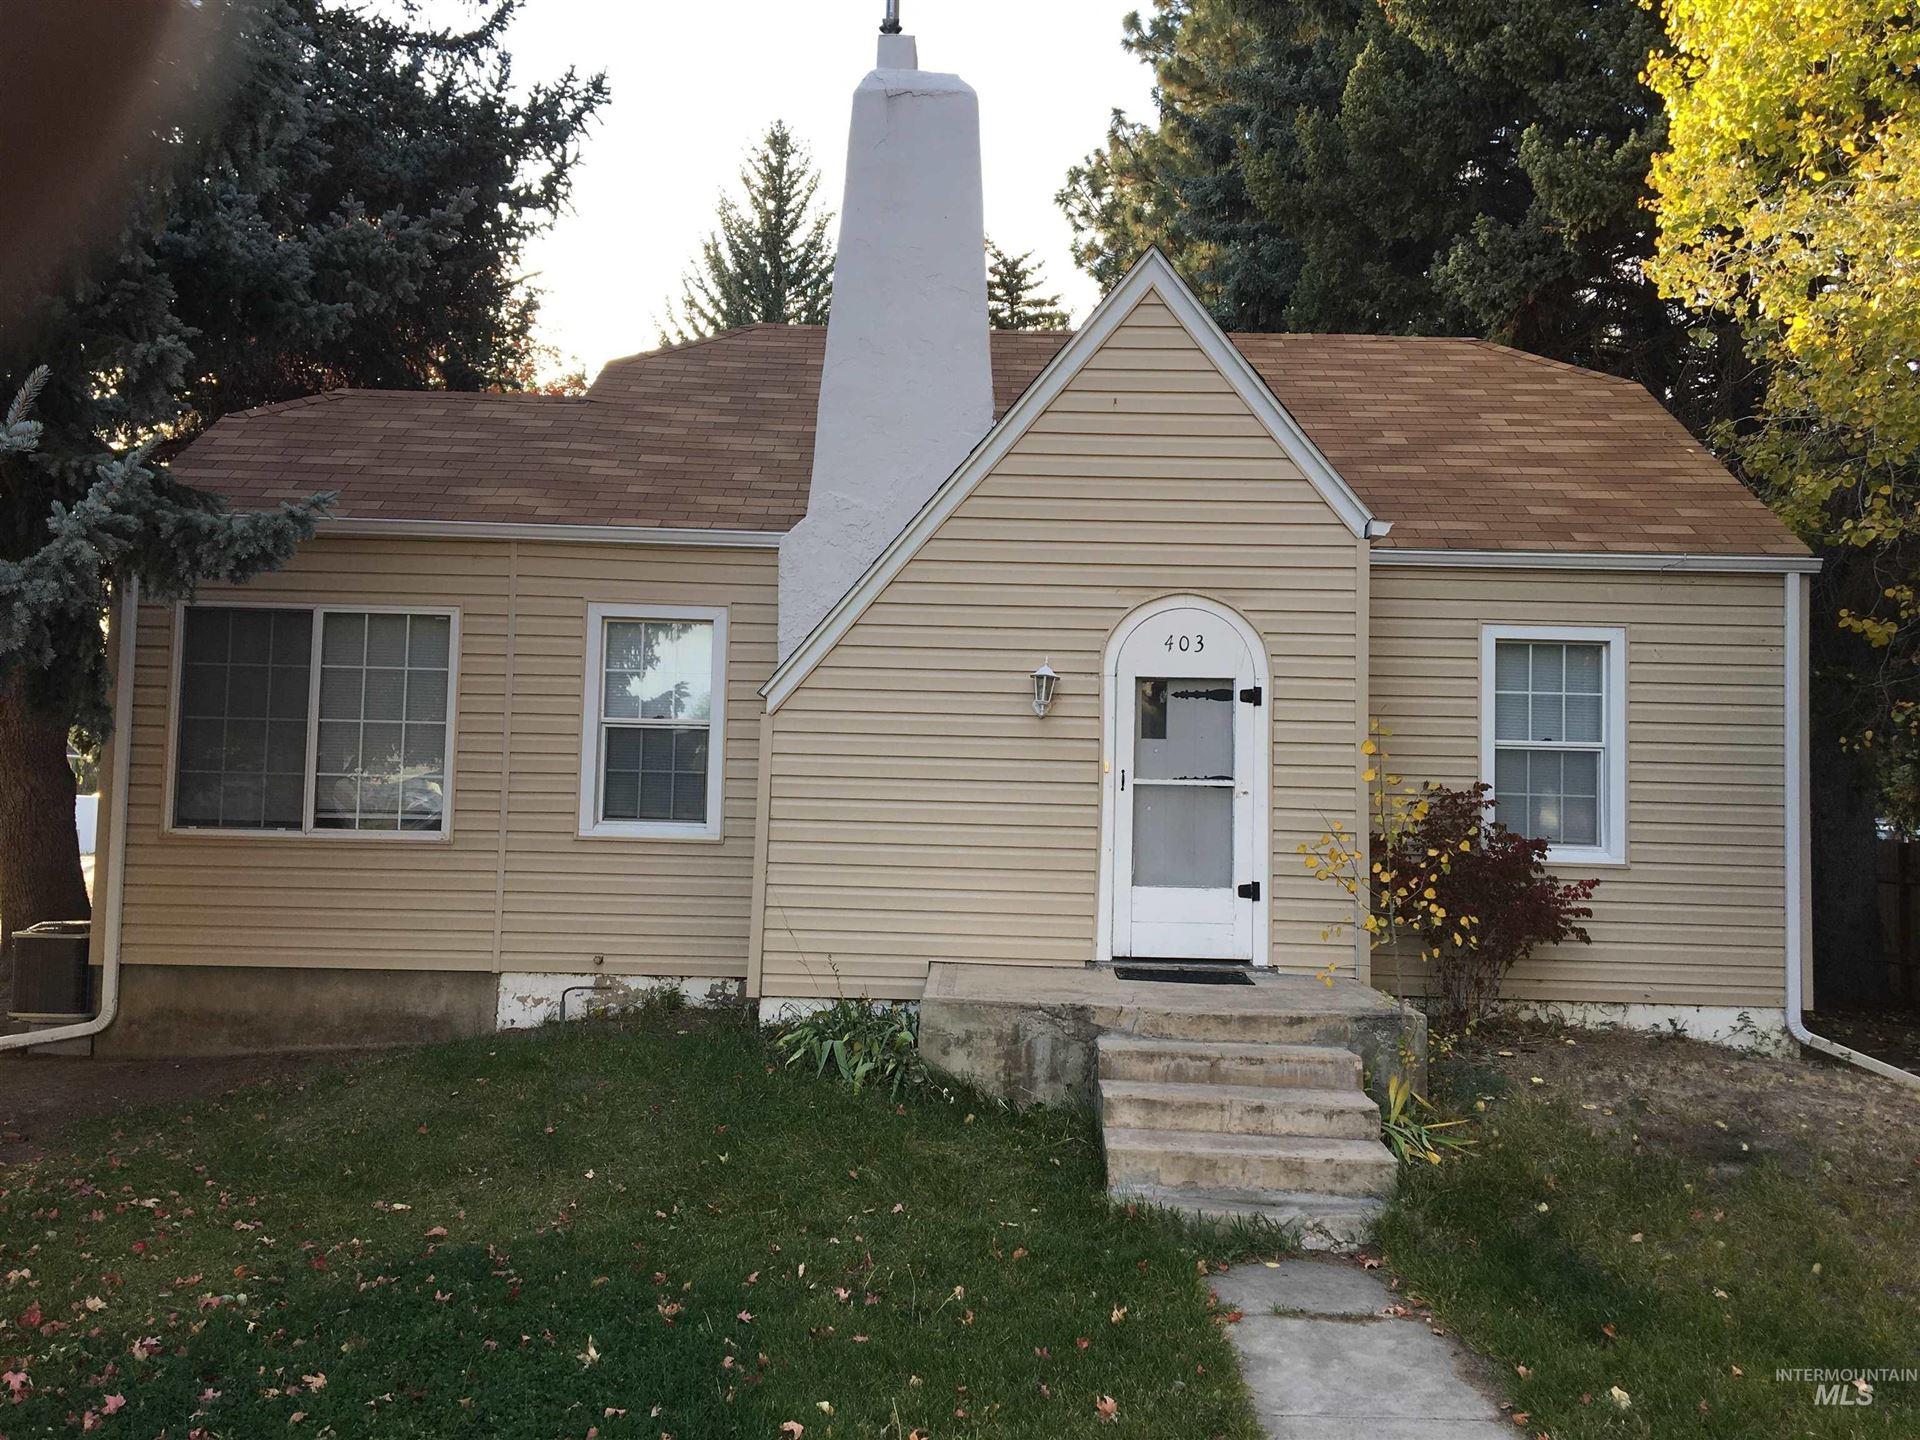 403 N Birch St, Shoshone, ID 83352 - MLS#: 98822100